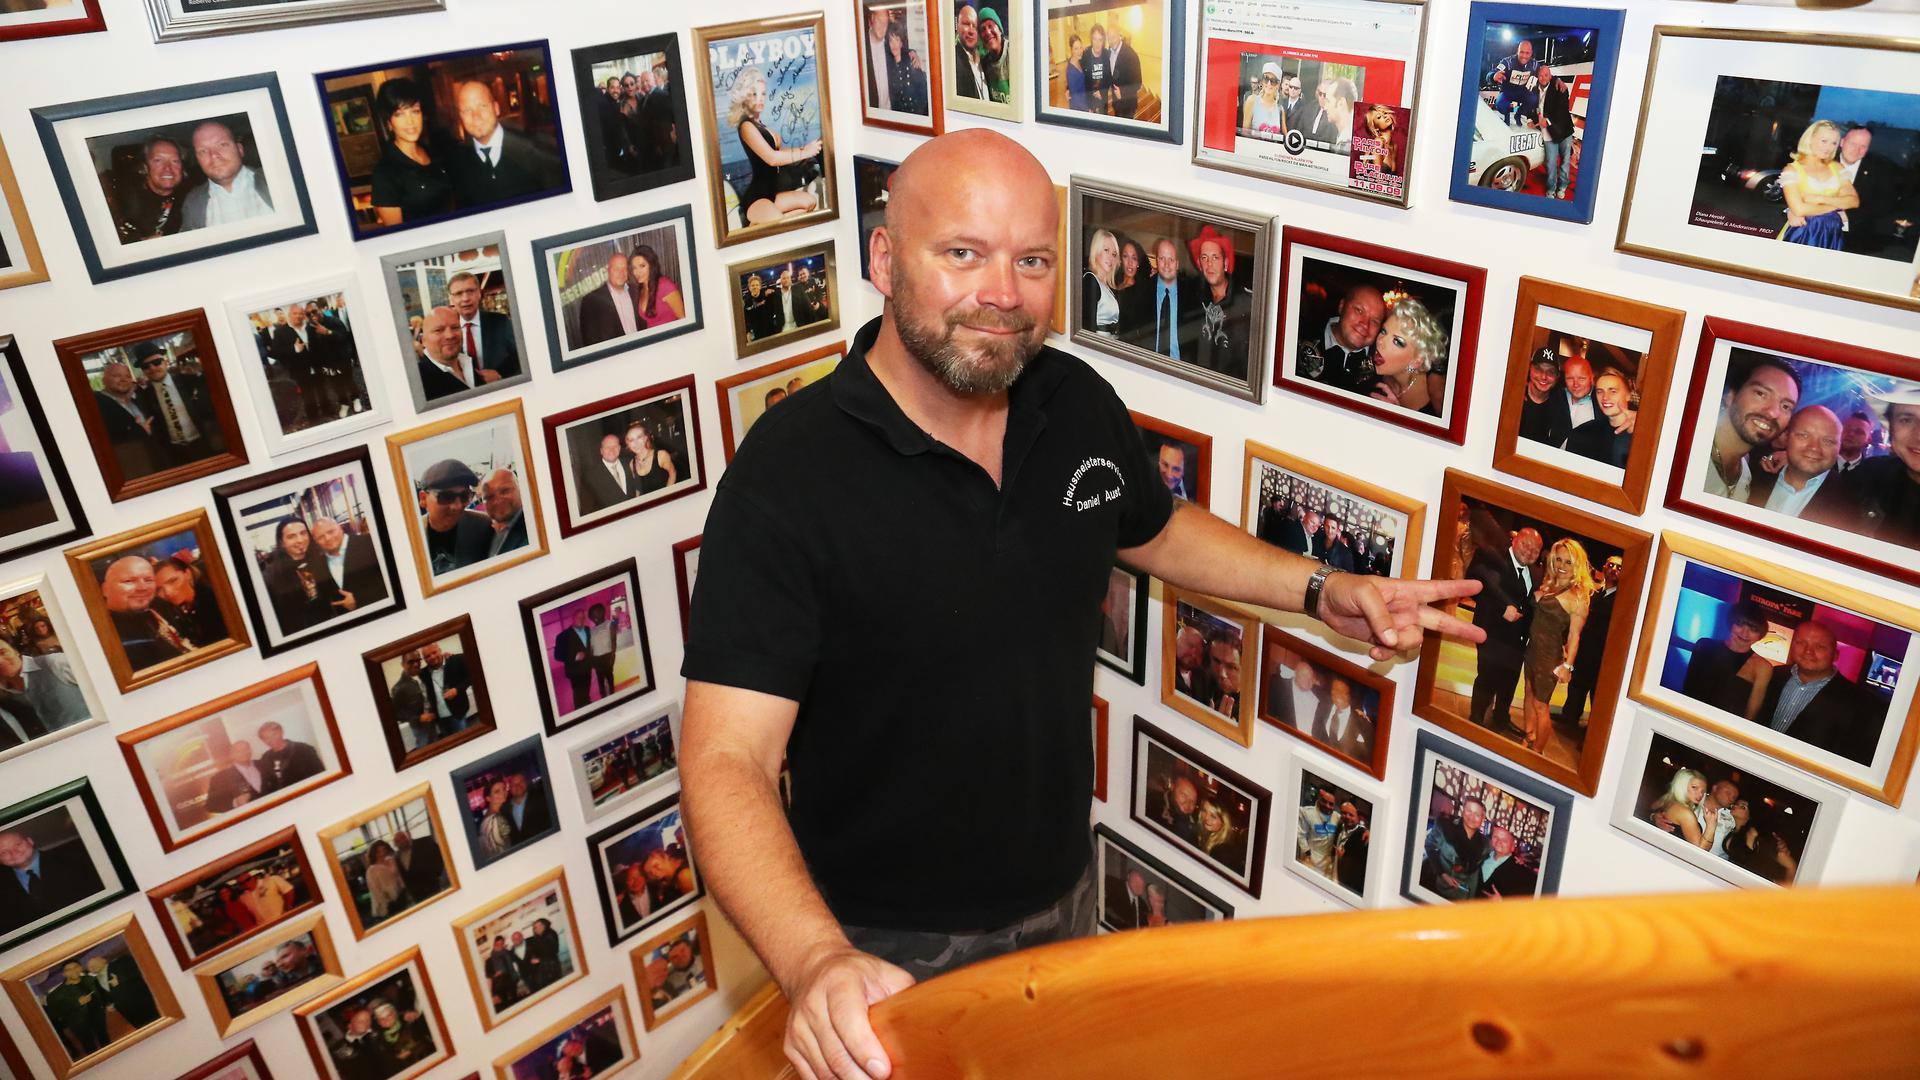 Aust Daniel_über 300 Fotos mit Prominenten9